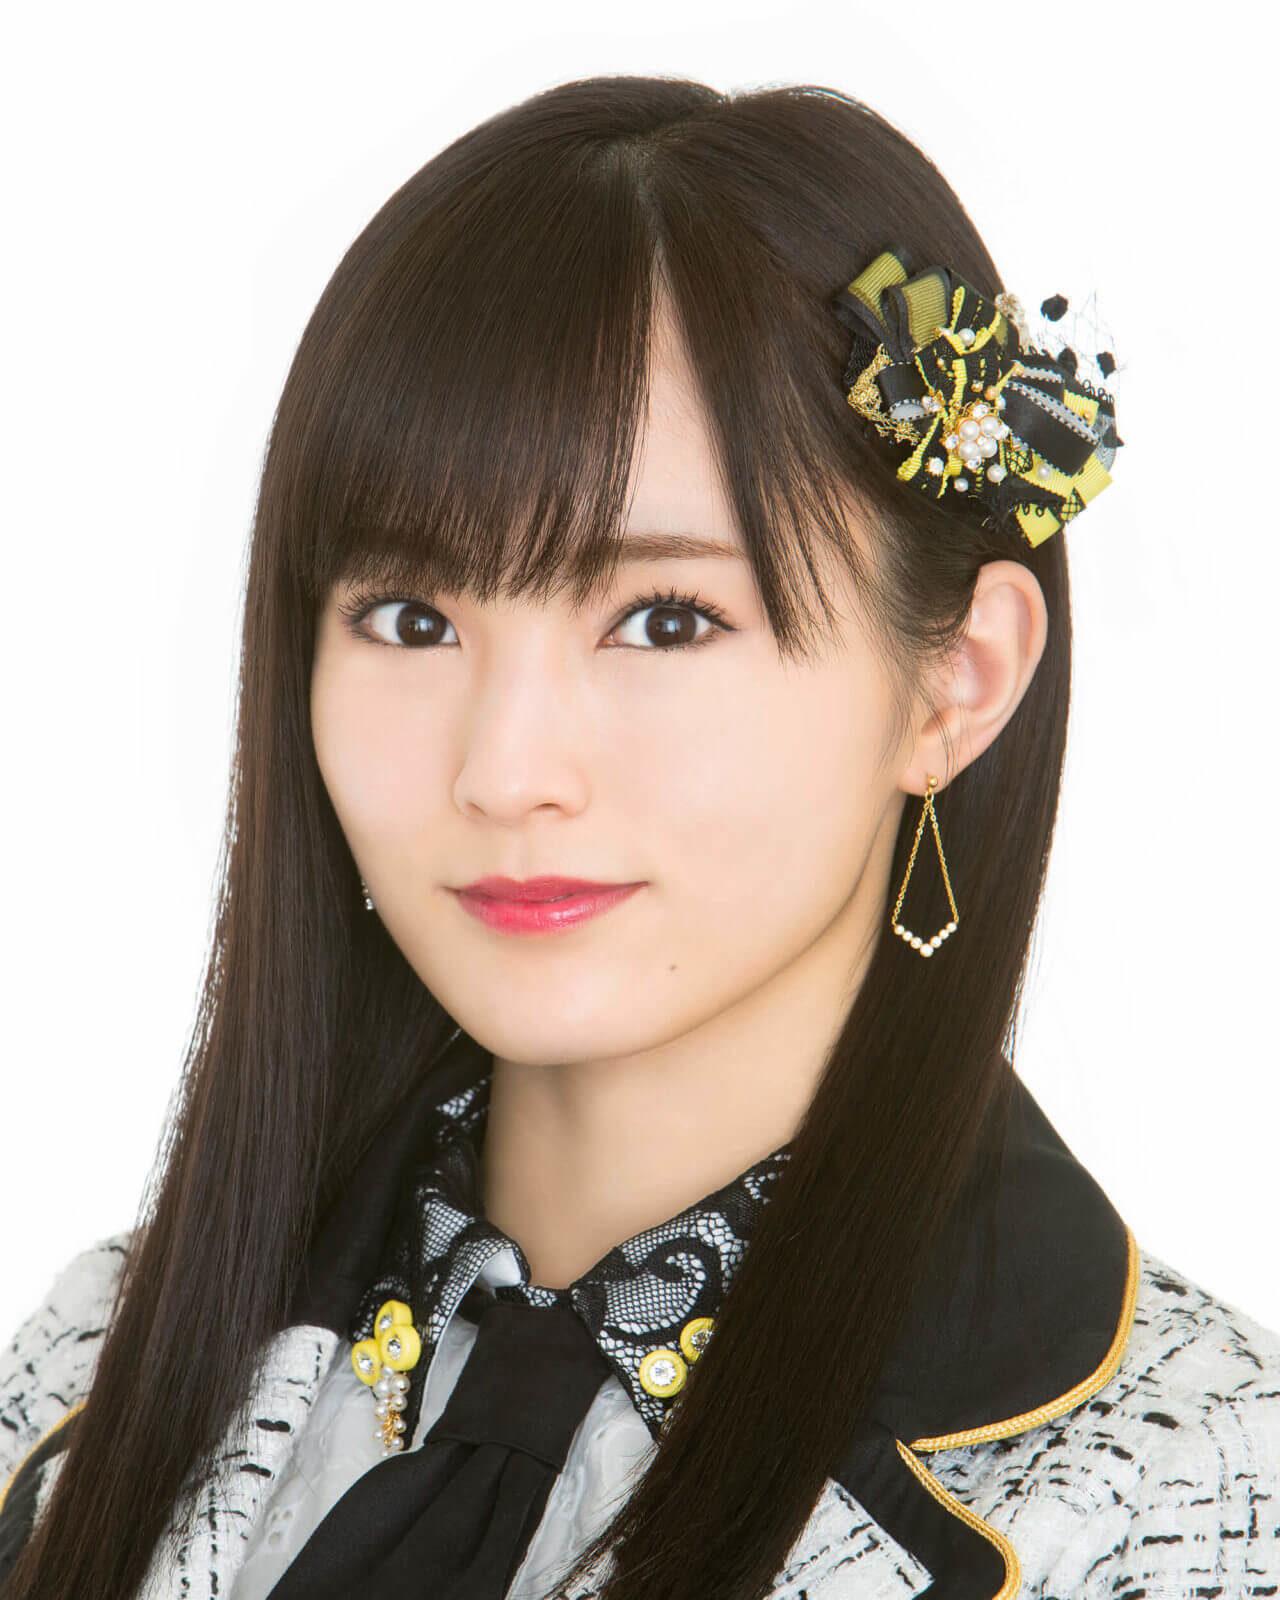 中居正広、NMB48山本彩の卒業にコメントするも現メンバーに謝罪した理由とは?サムネイル画像